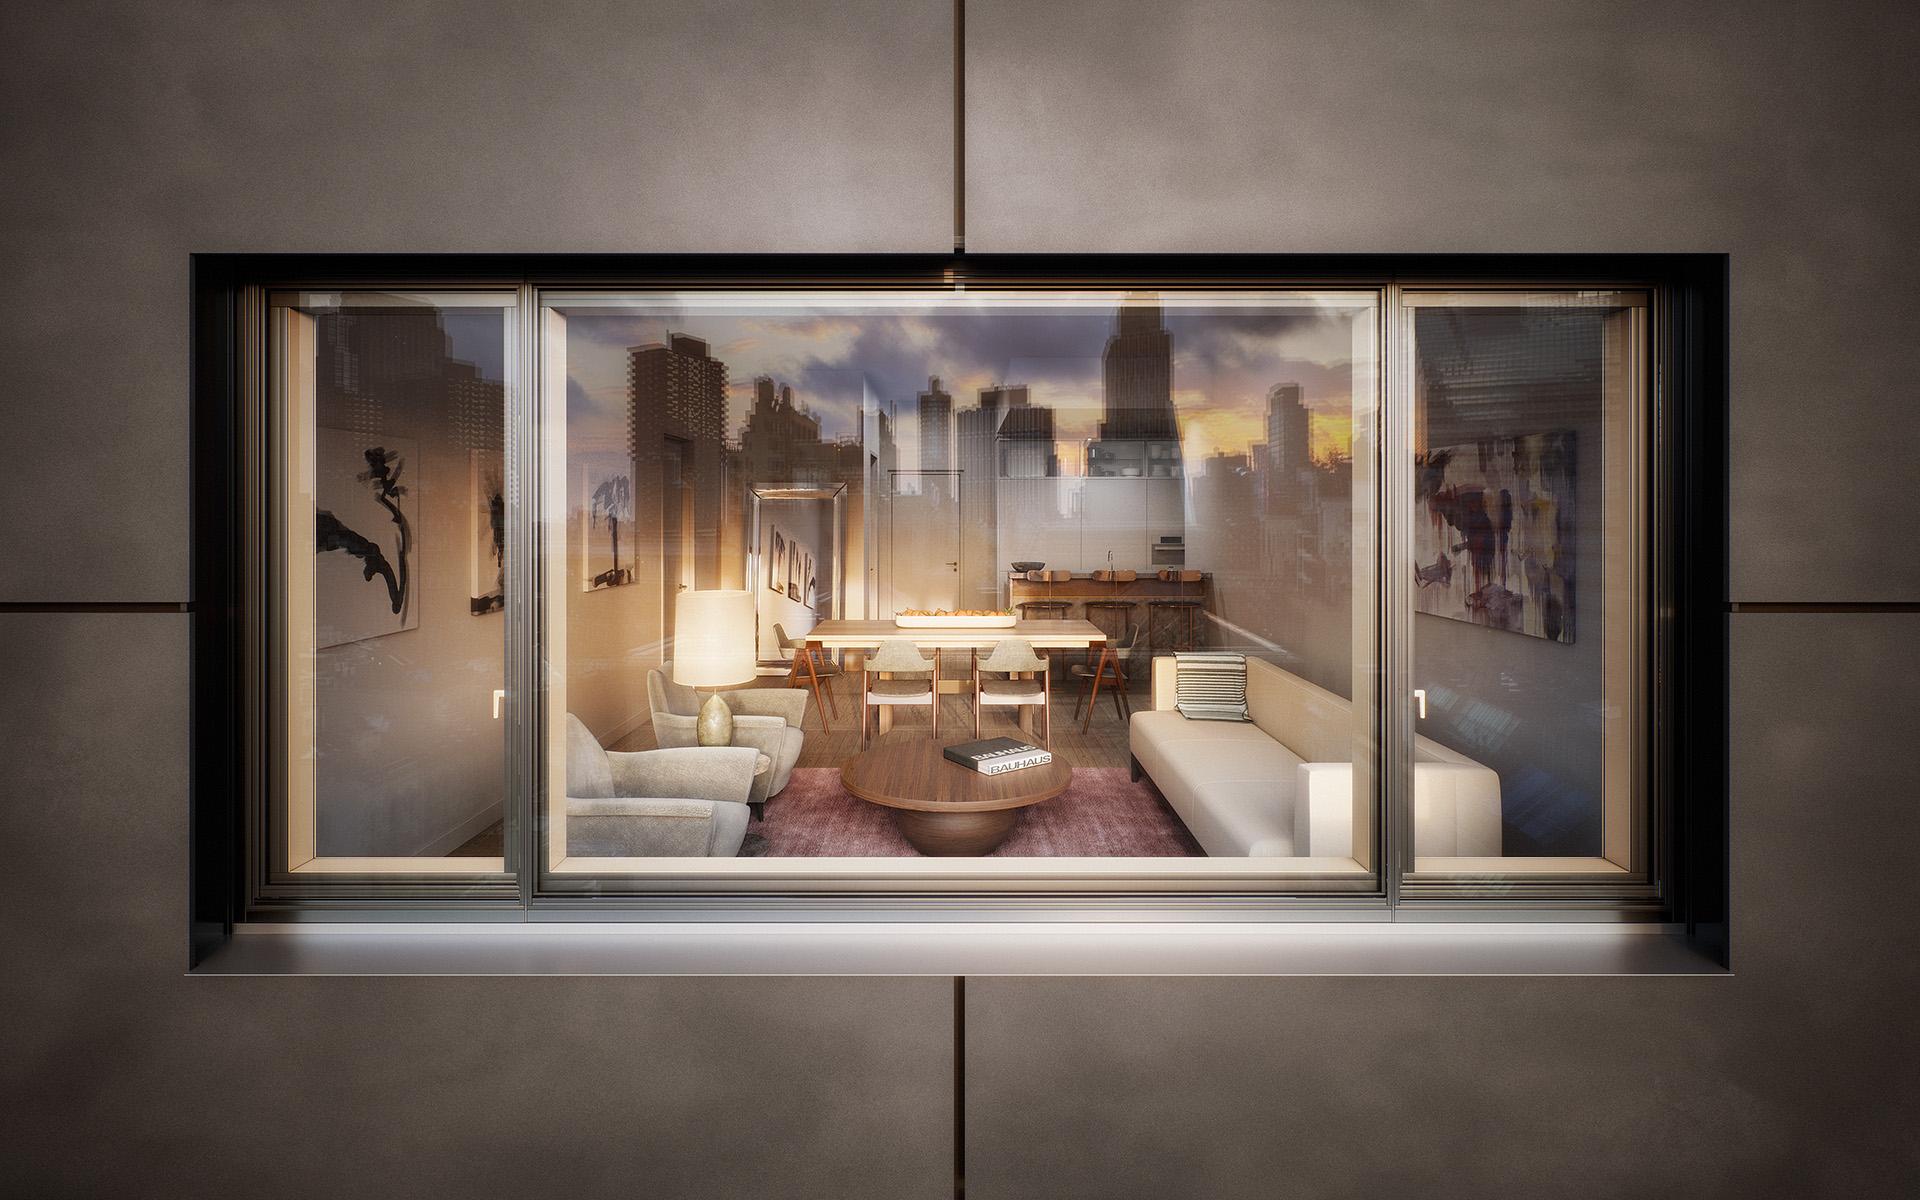 A rendering of 30 Warren, a luxury apartment building in Manhattan's Tribeca neighborhood.